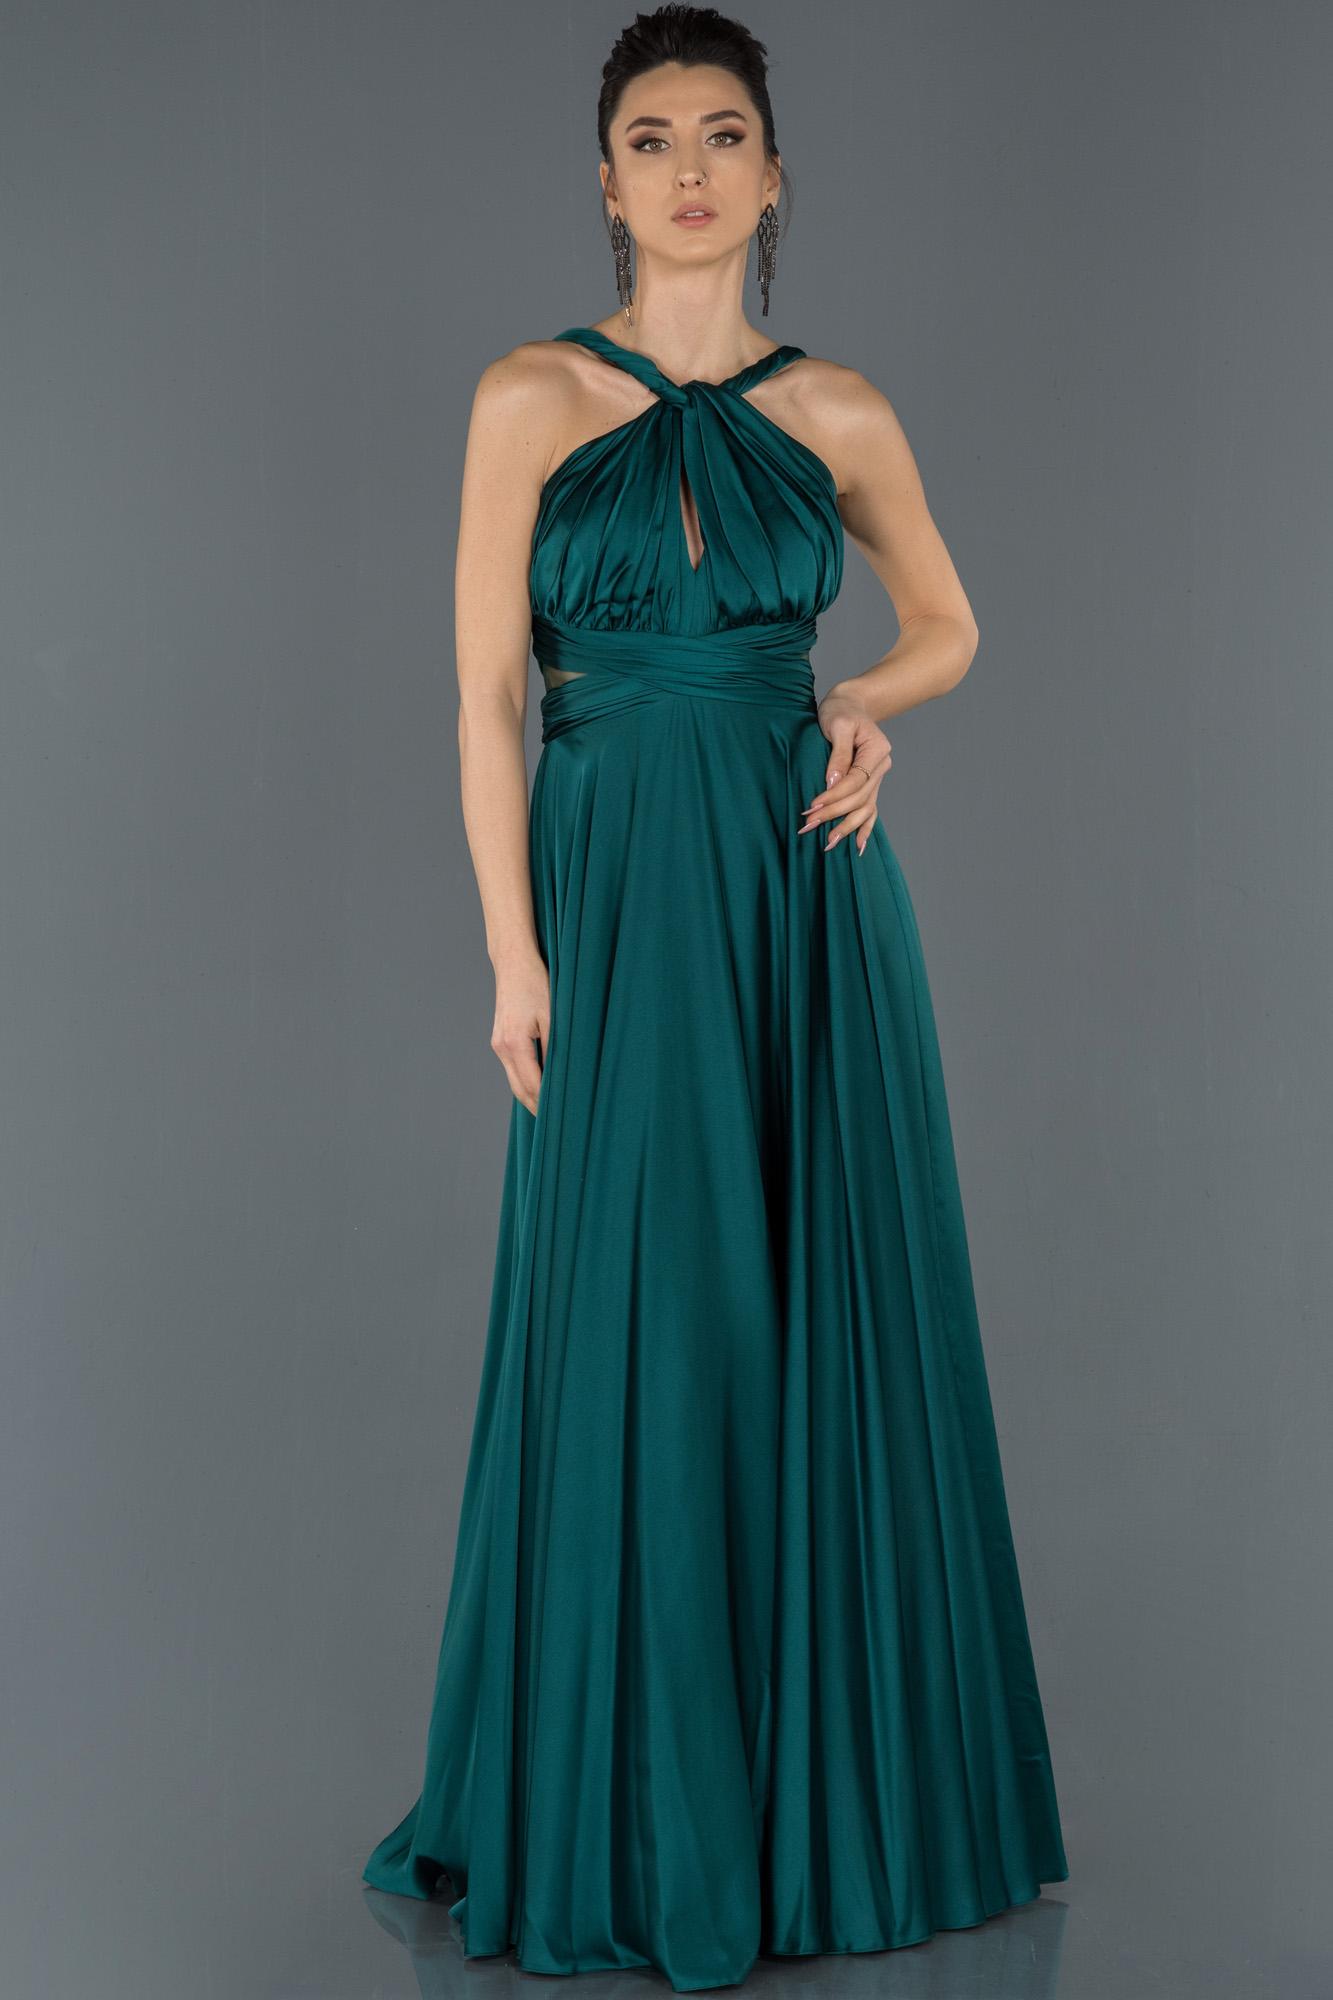 Zümrüt Yeşili Uzun Göğüs Detaylı Abiye Elbise